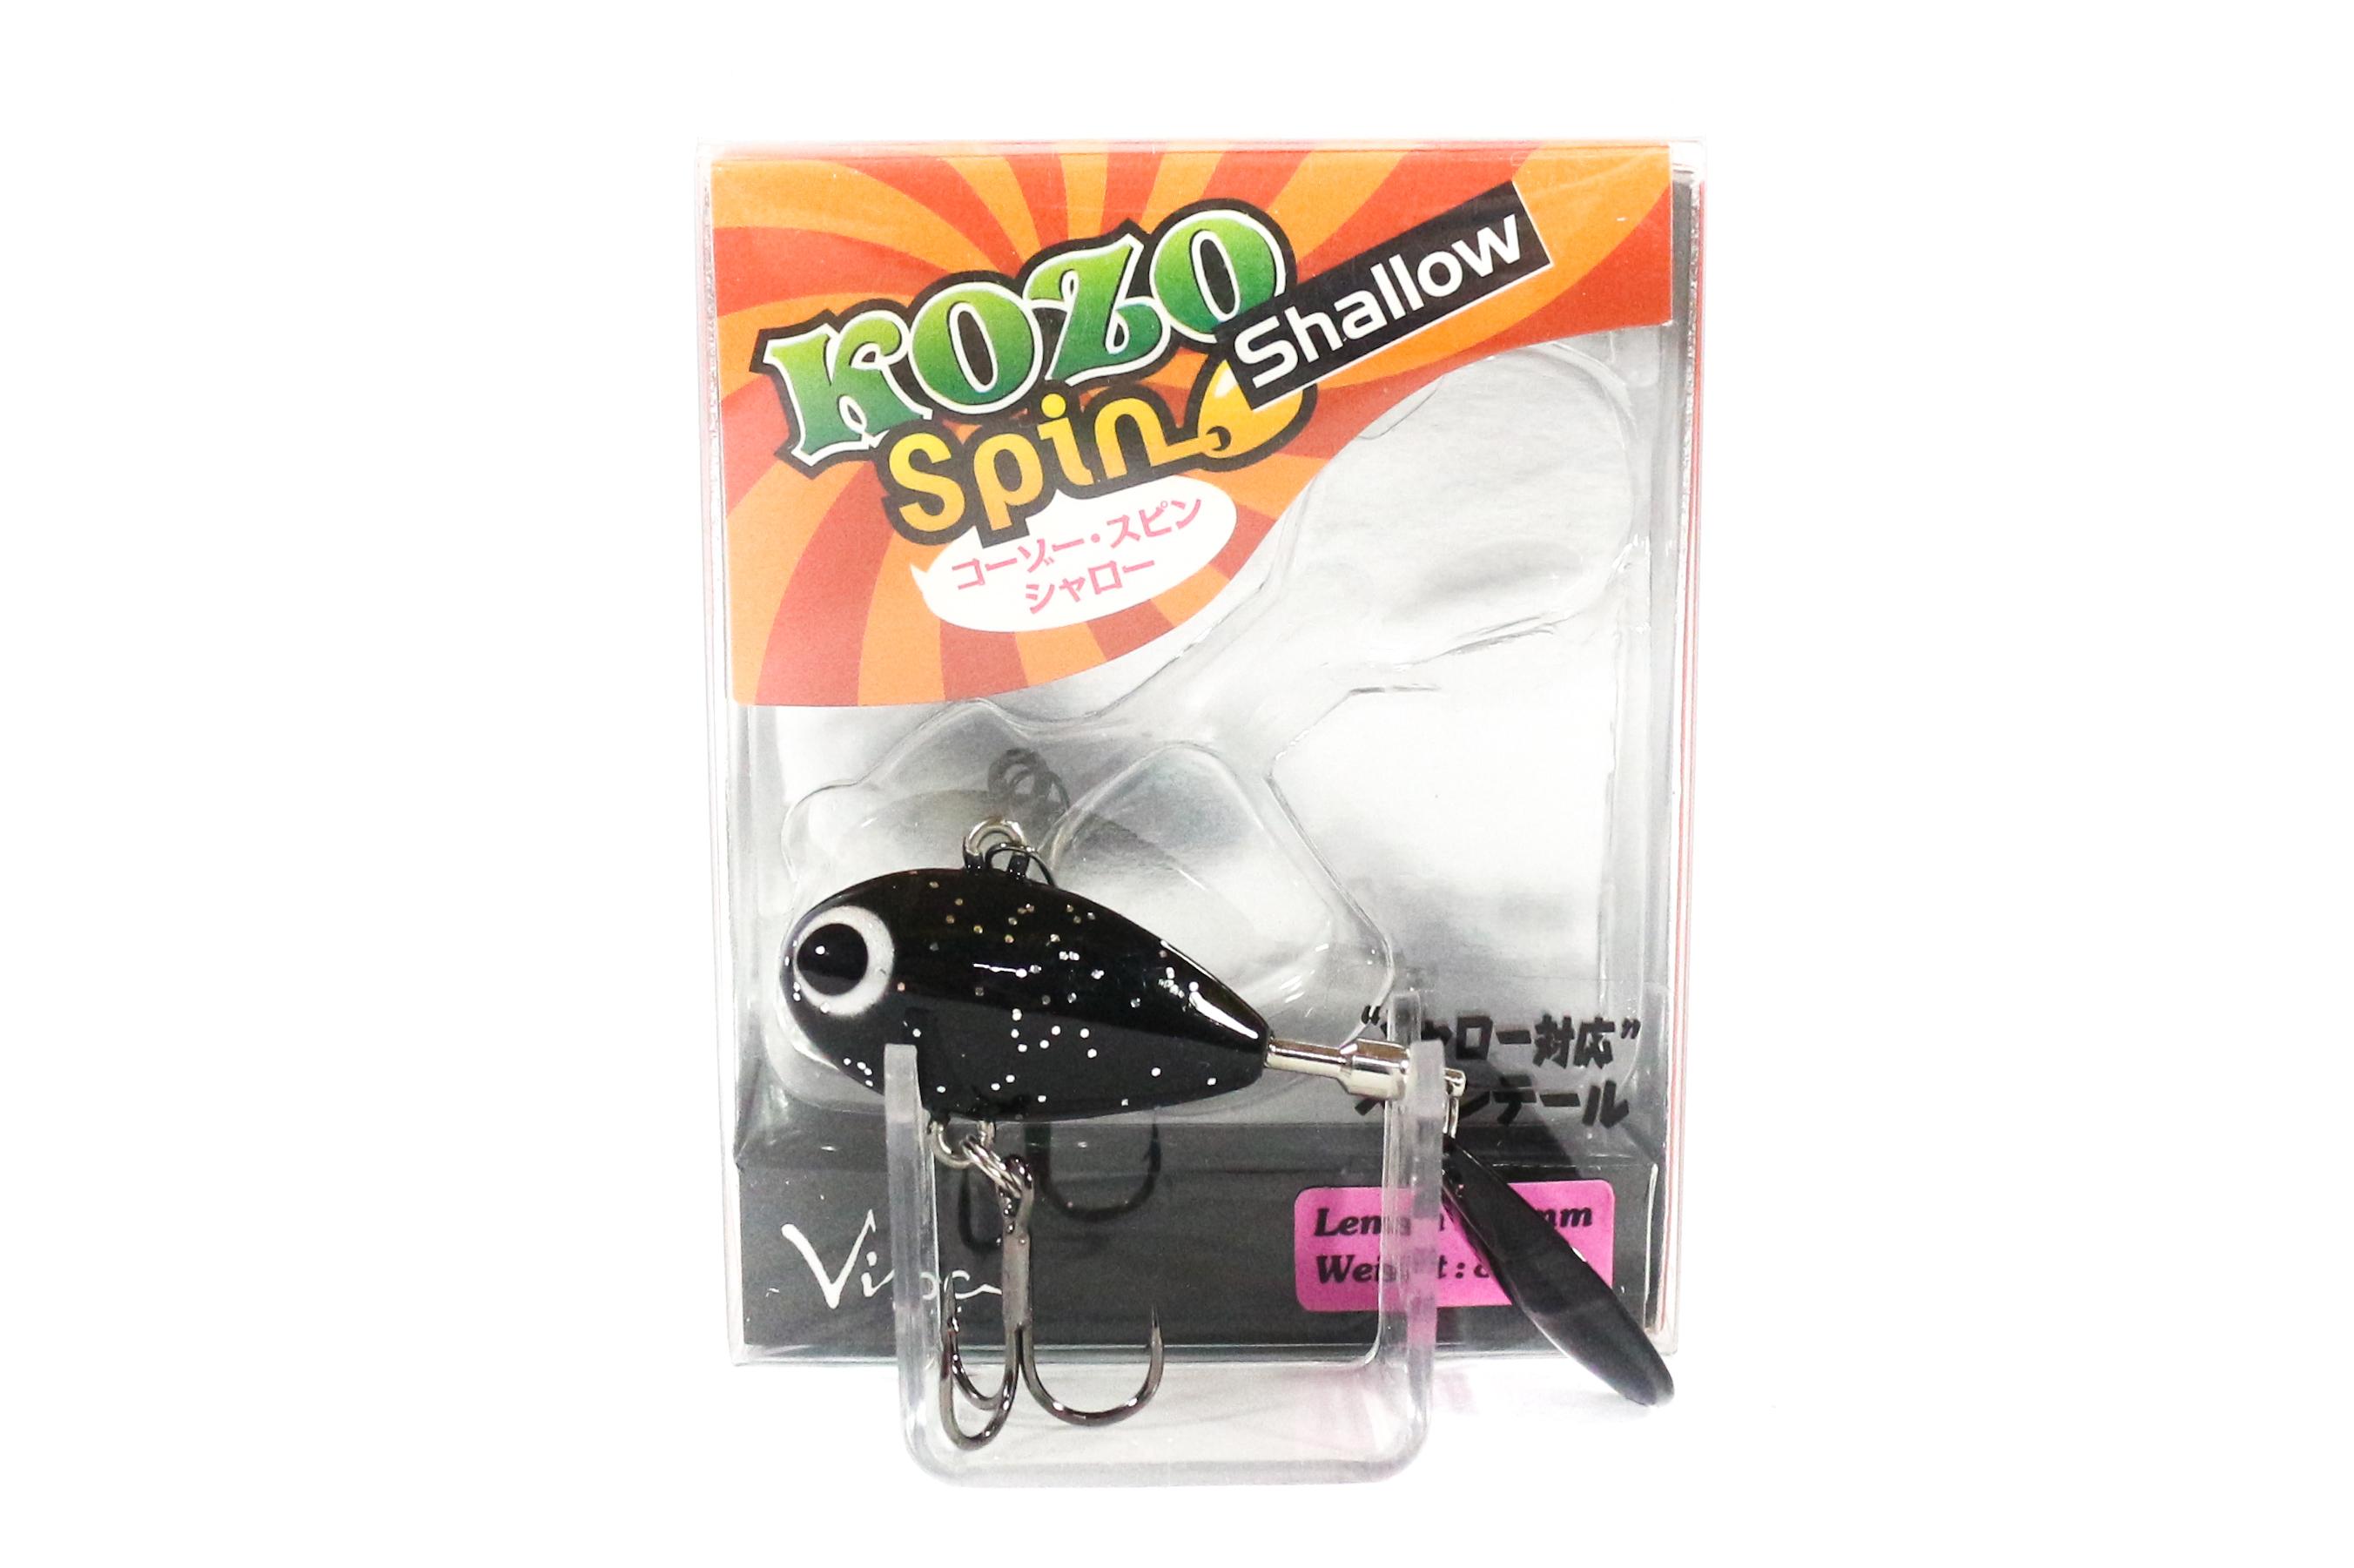 Viva Kozo Spin Shallow 8.2 grams Spinner Bait Lure 143 (3010)